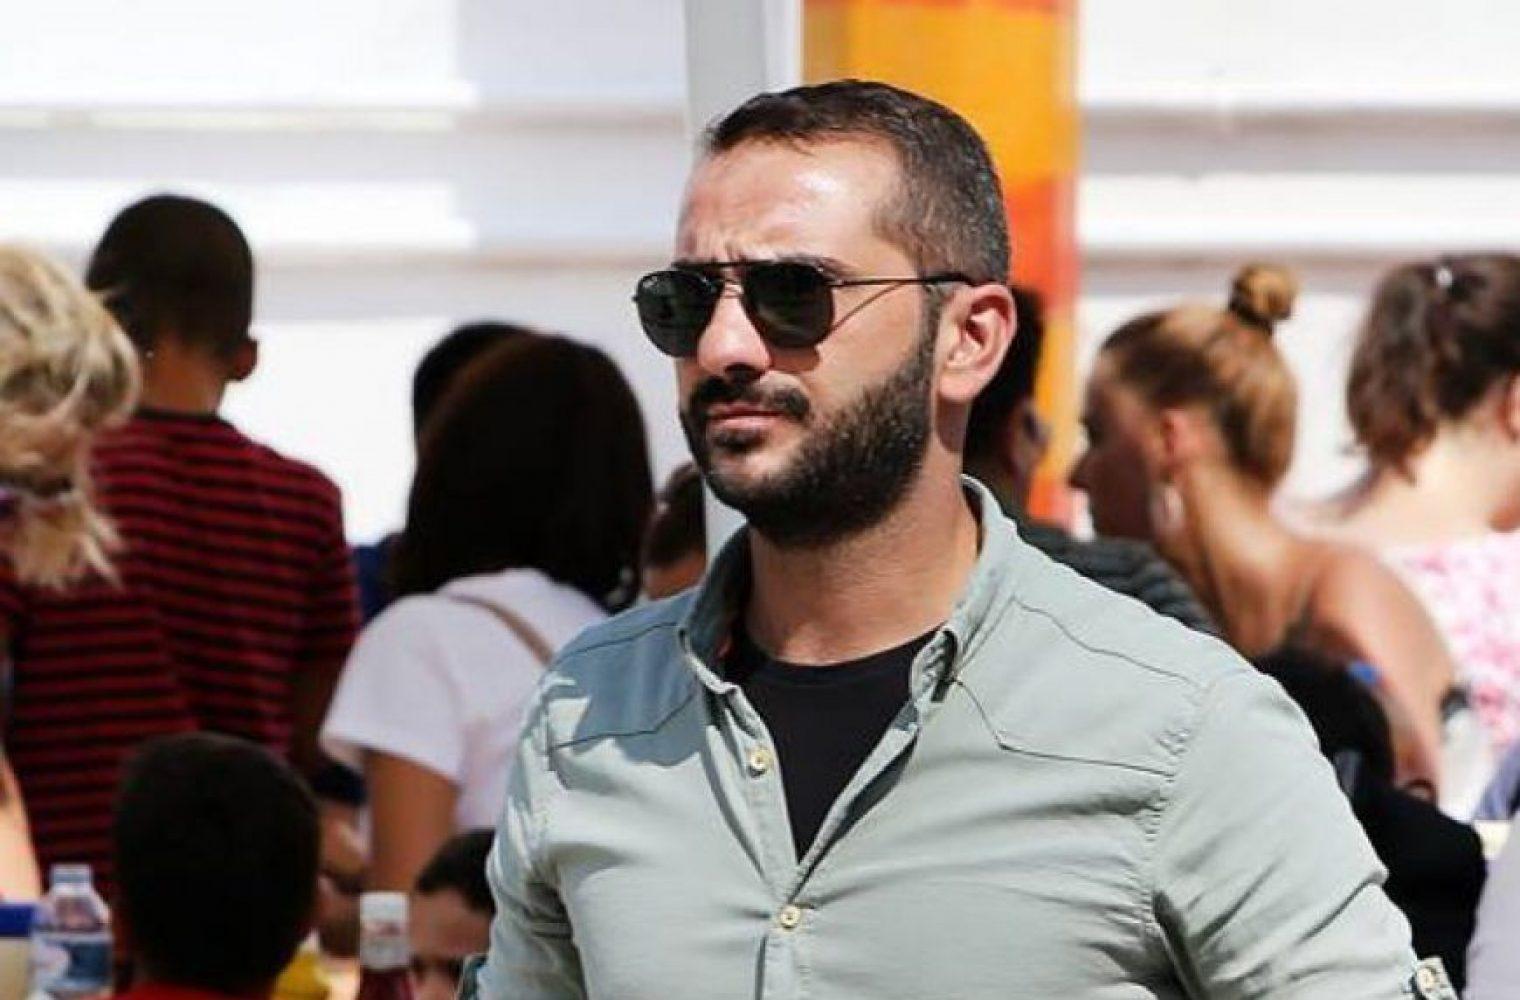 Έξαλλος ο Λεωνίδας Κουτσόπουλος: «Συγχαρητήρια στον μ@λ@κ@»